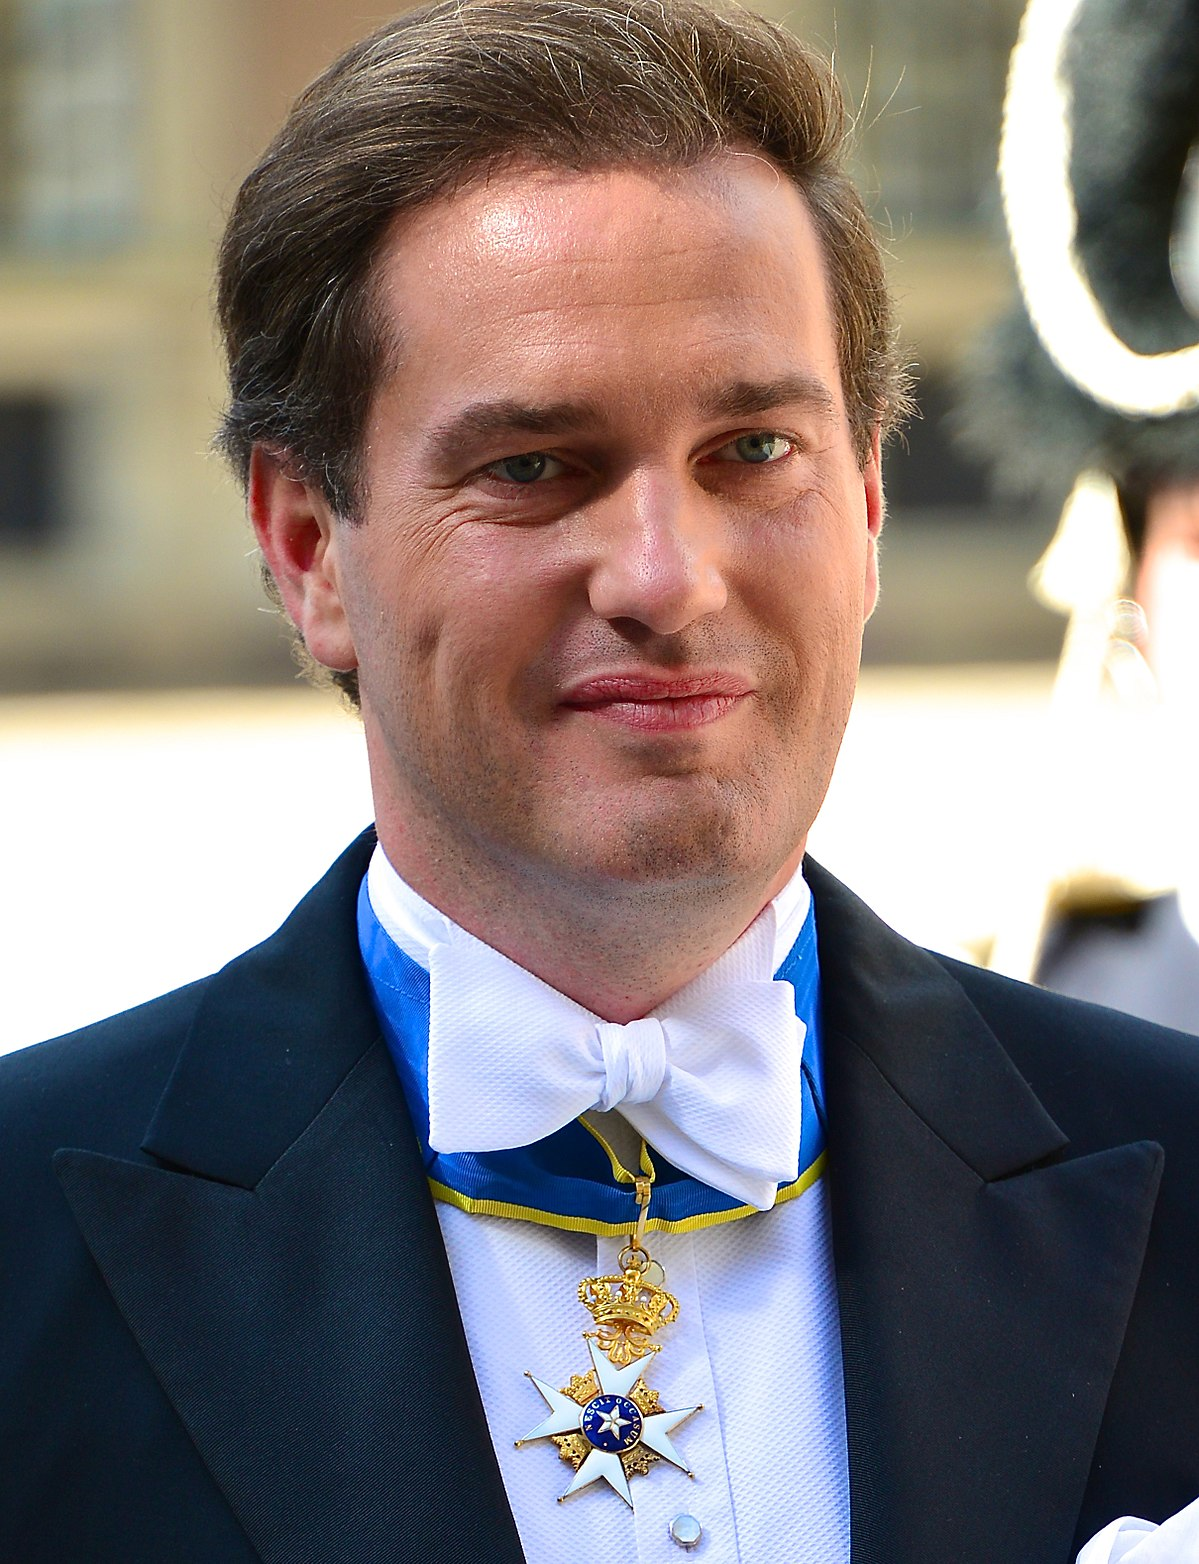 Christopher O'Neill